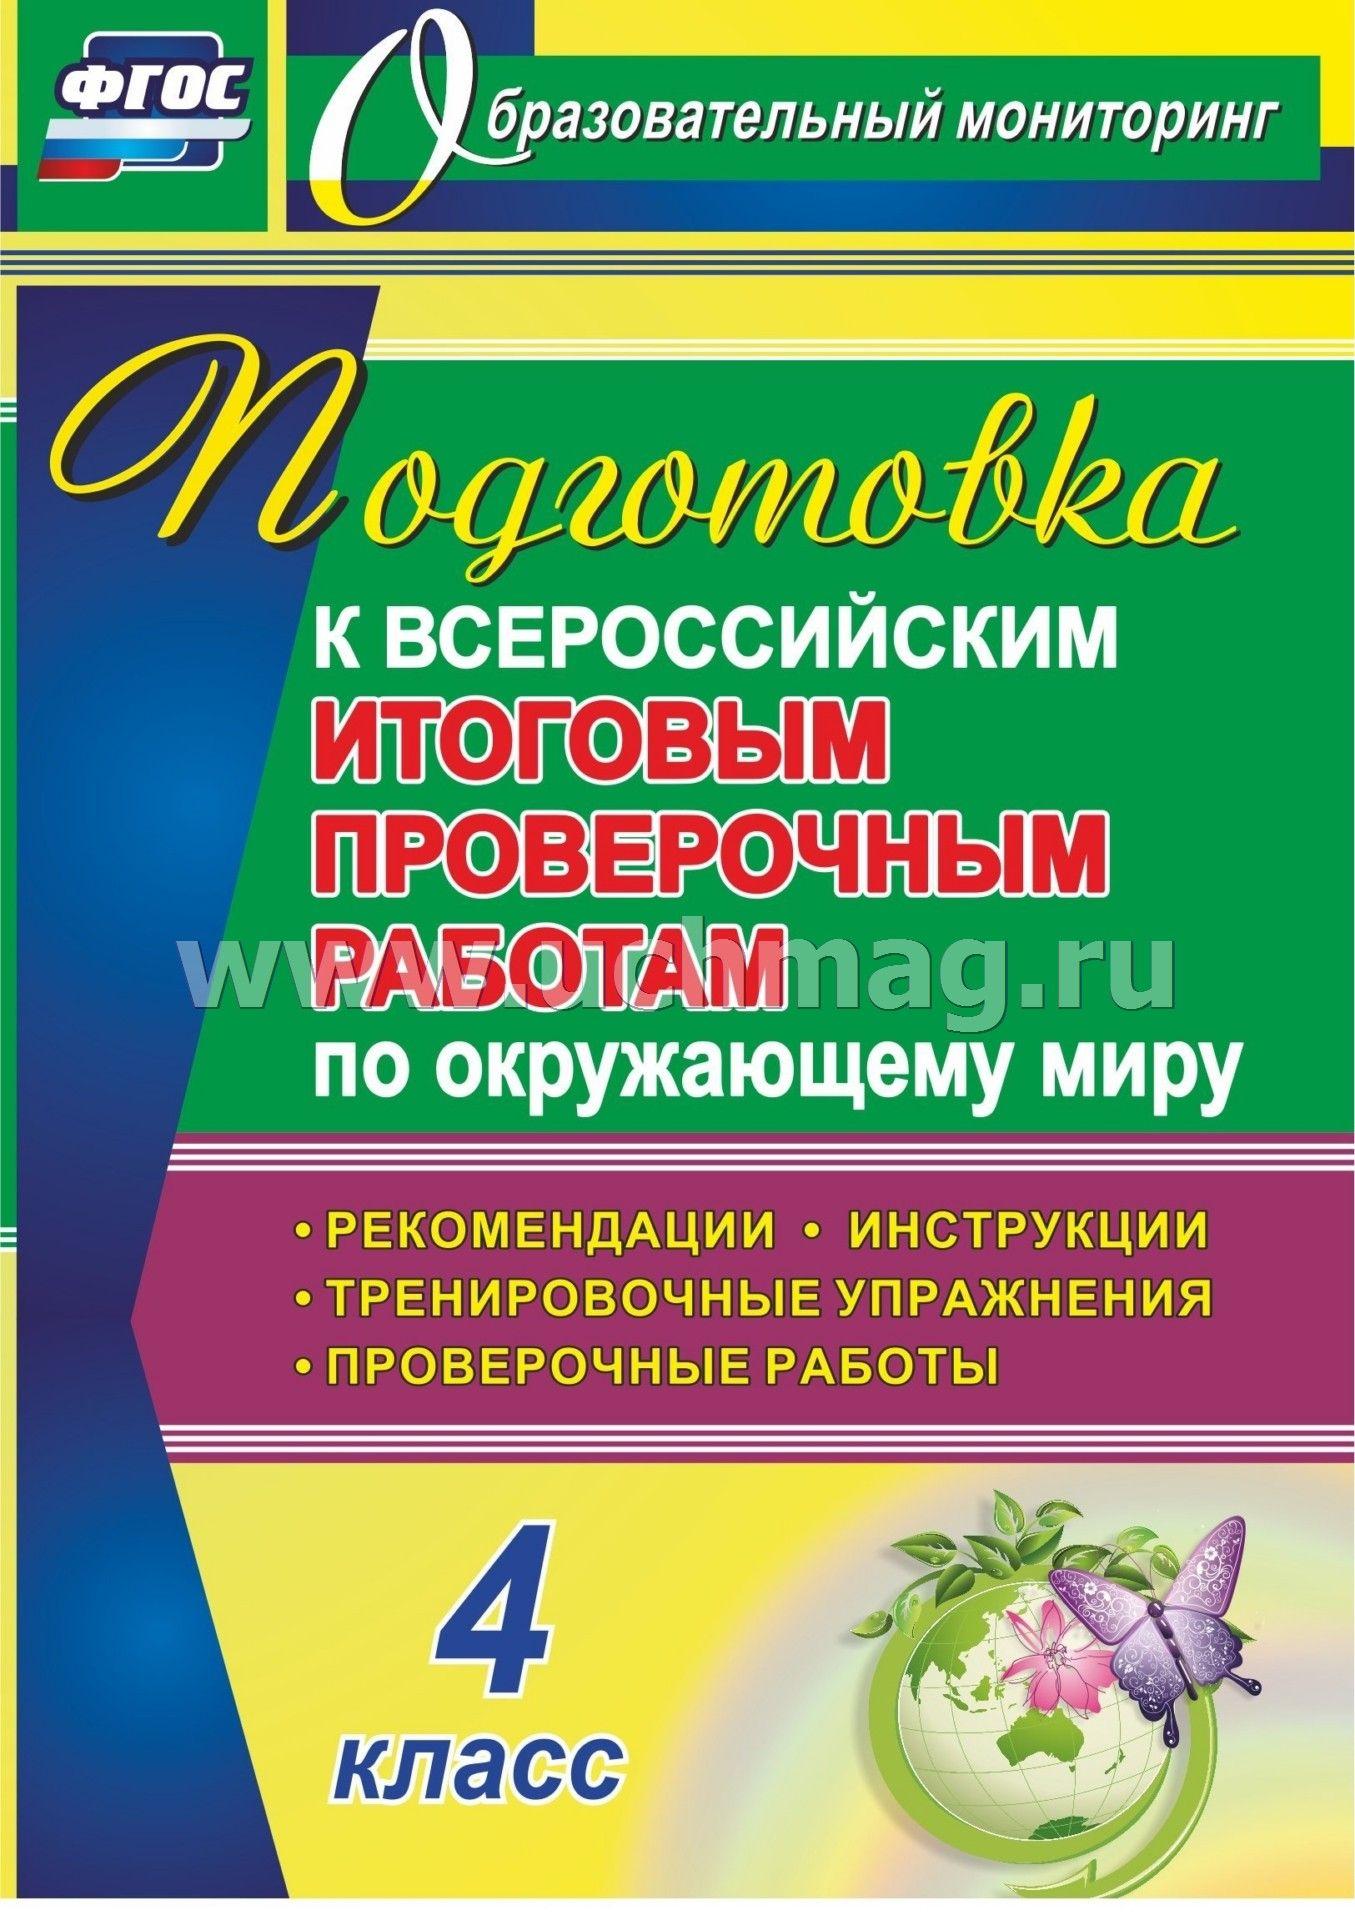 модели итоговая проверочная работа по окружающему миру 4 класс России широкий ассортимент